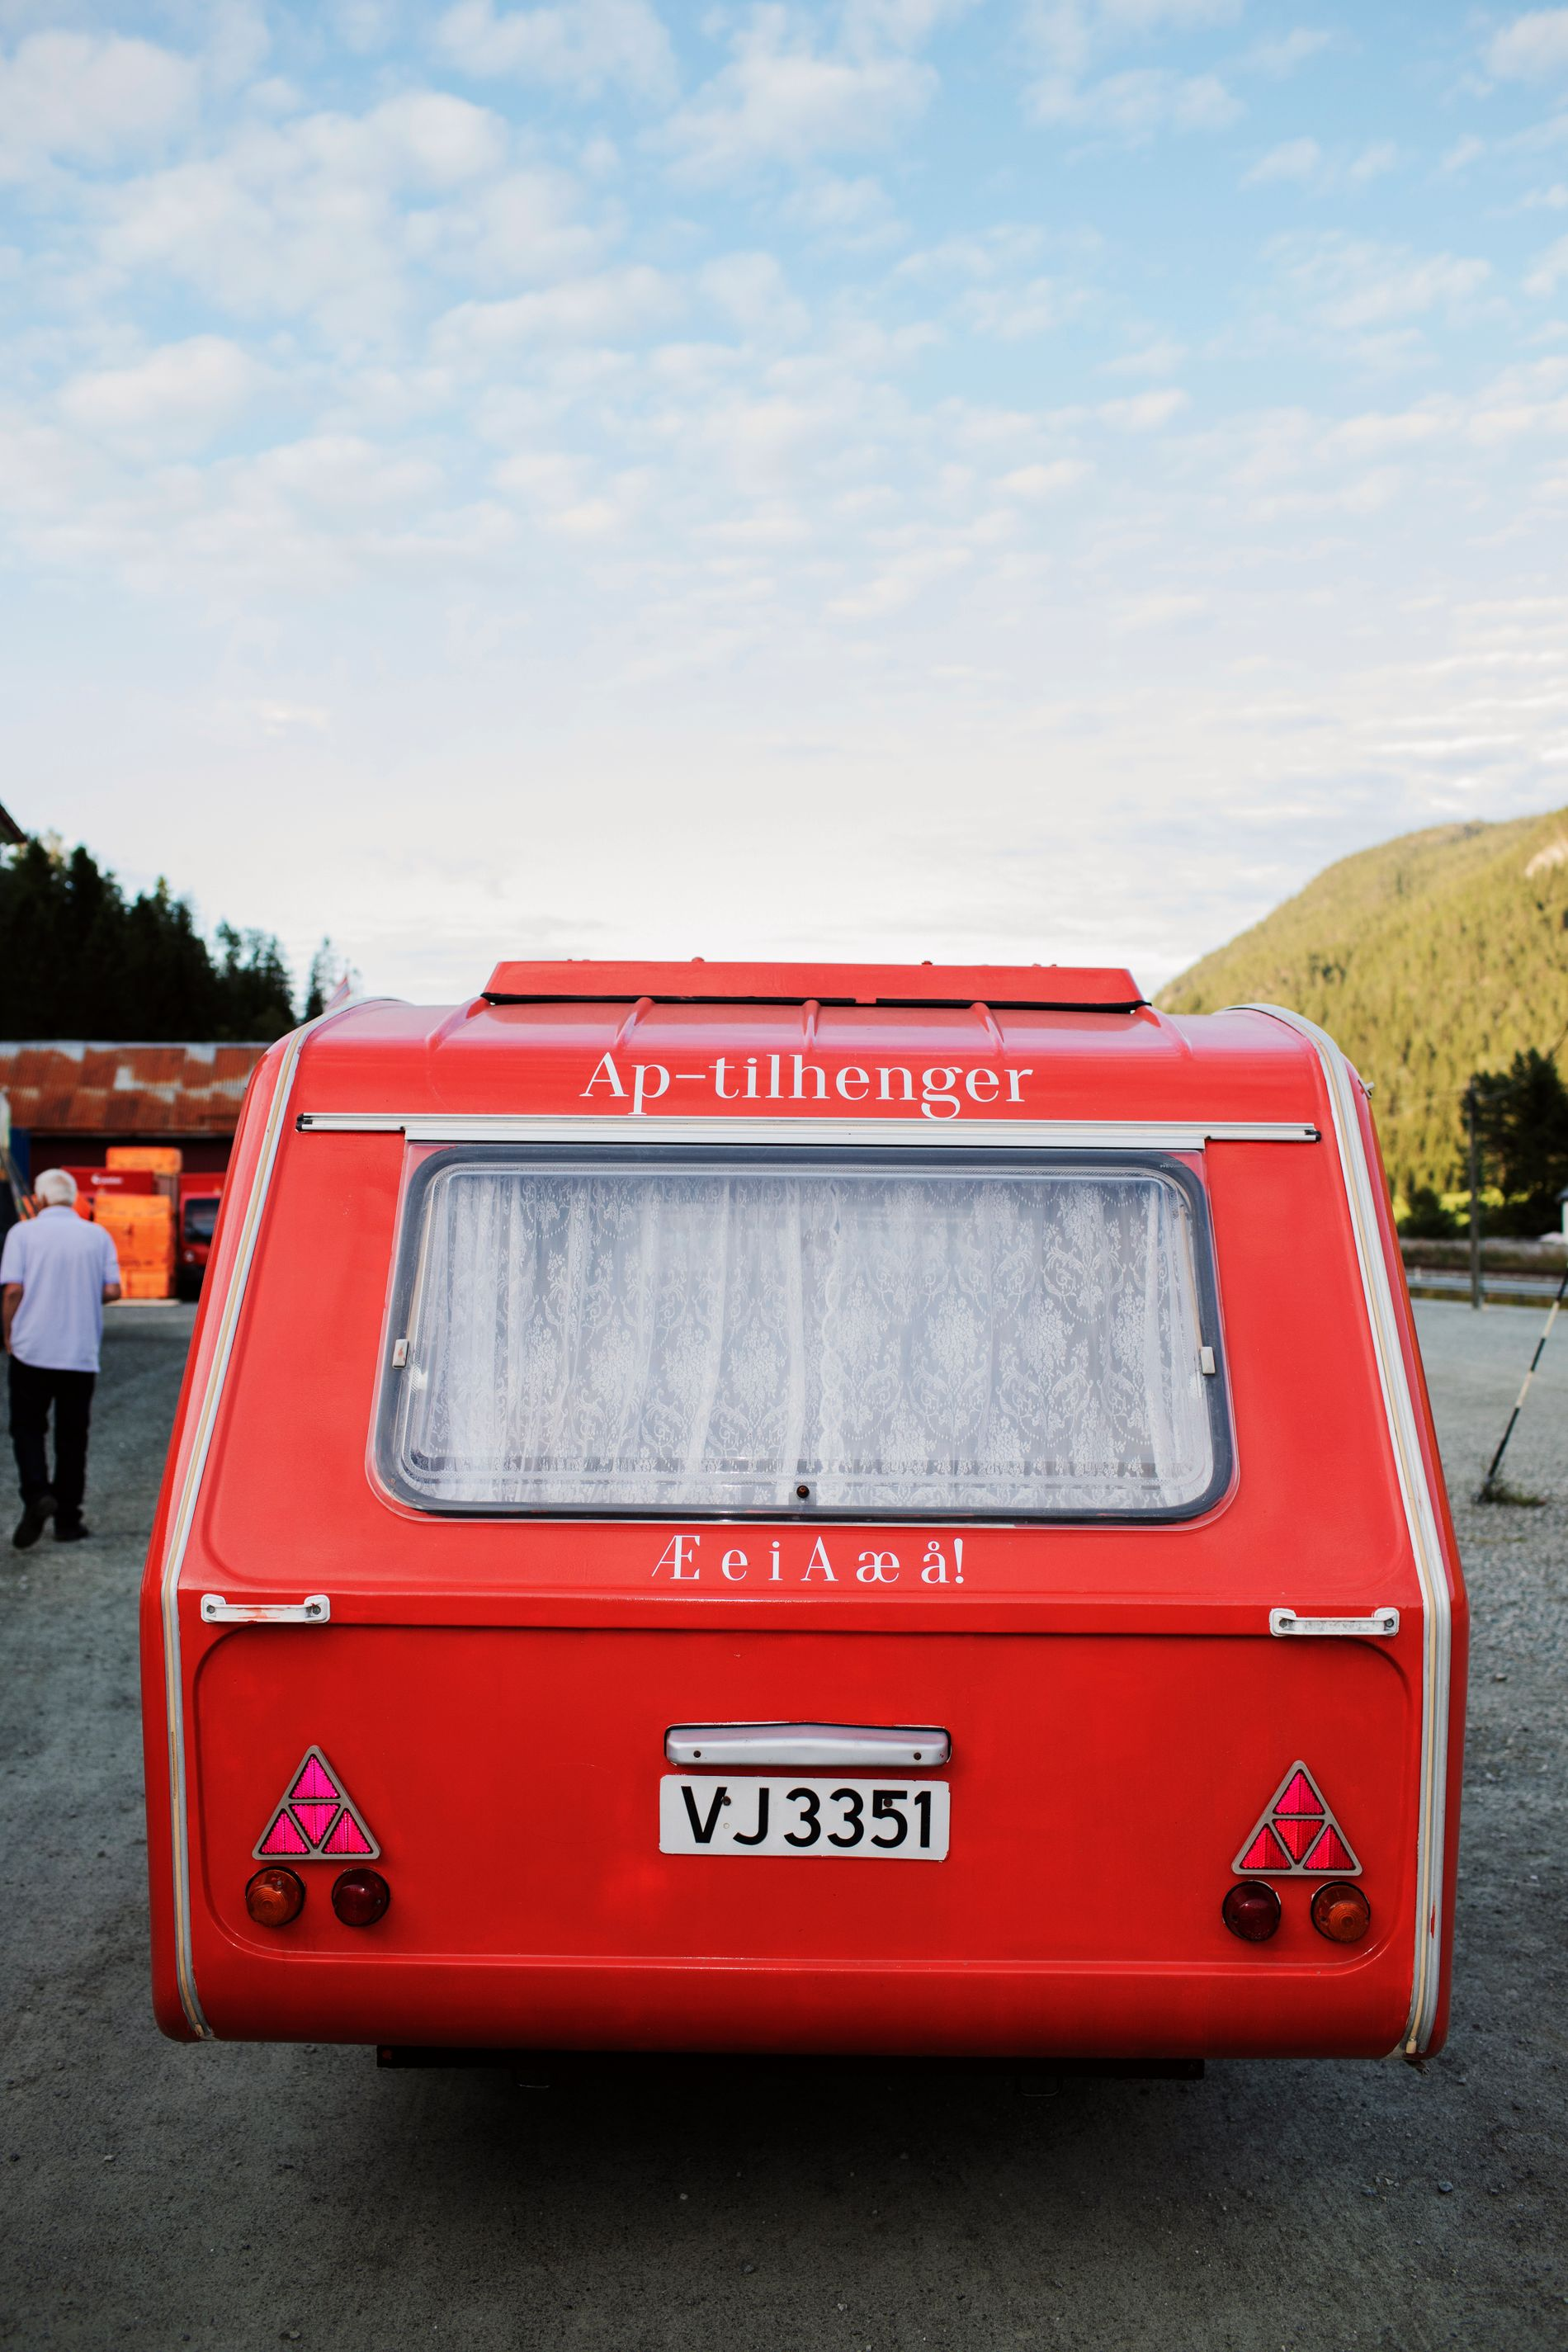 TRØNDERBUDSKAP: Æ e i A æ å! er budskapet bak på campingvognen Trond Giske kjører rundt med.